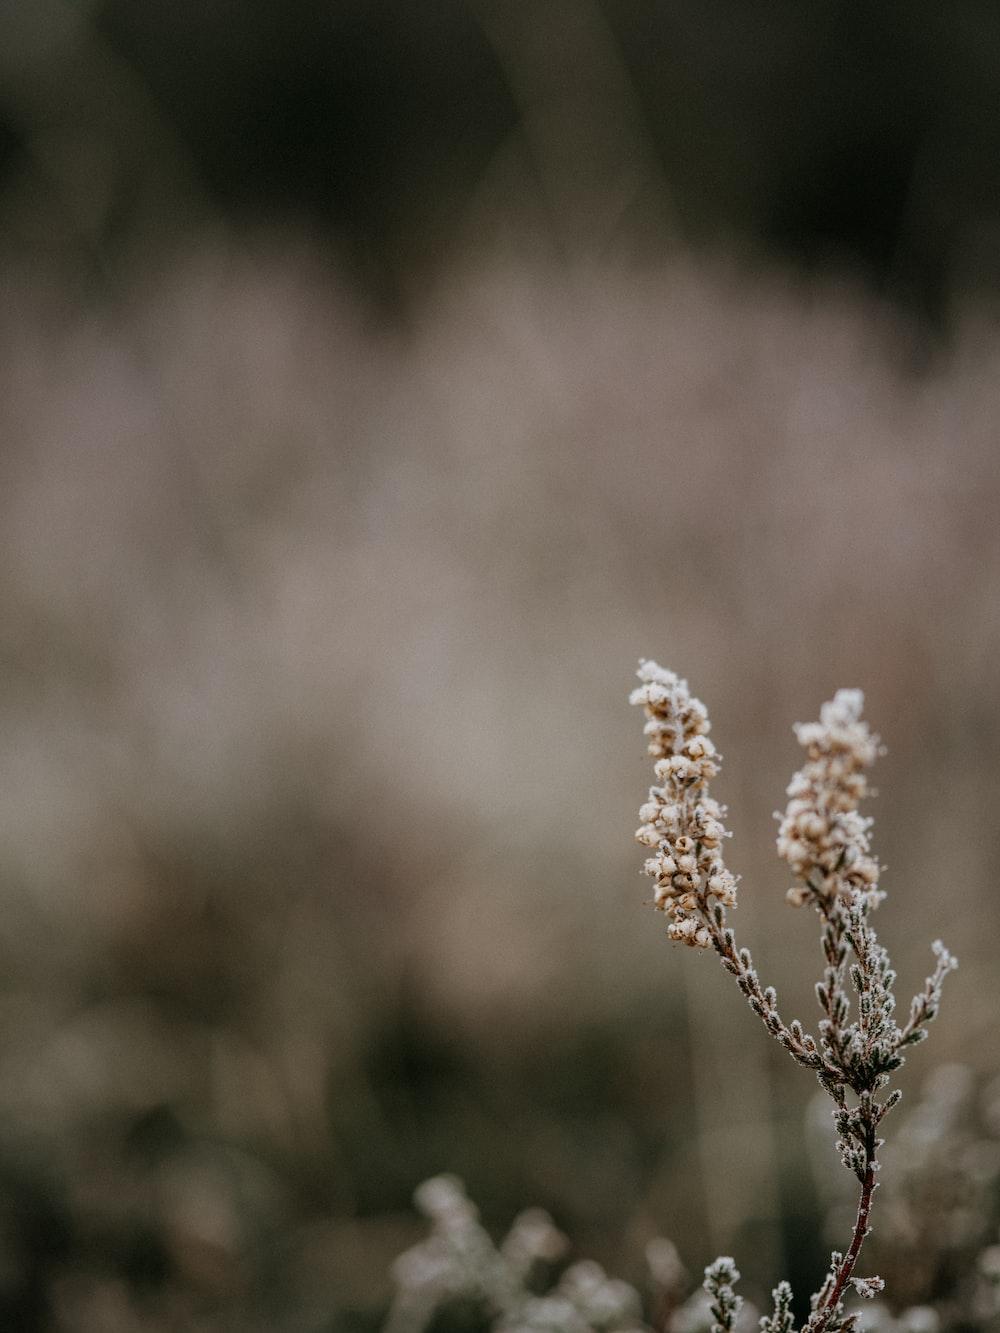 brown flower in tilt shift lens